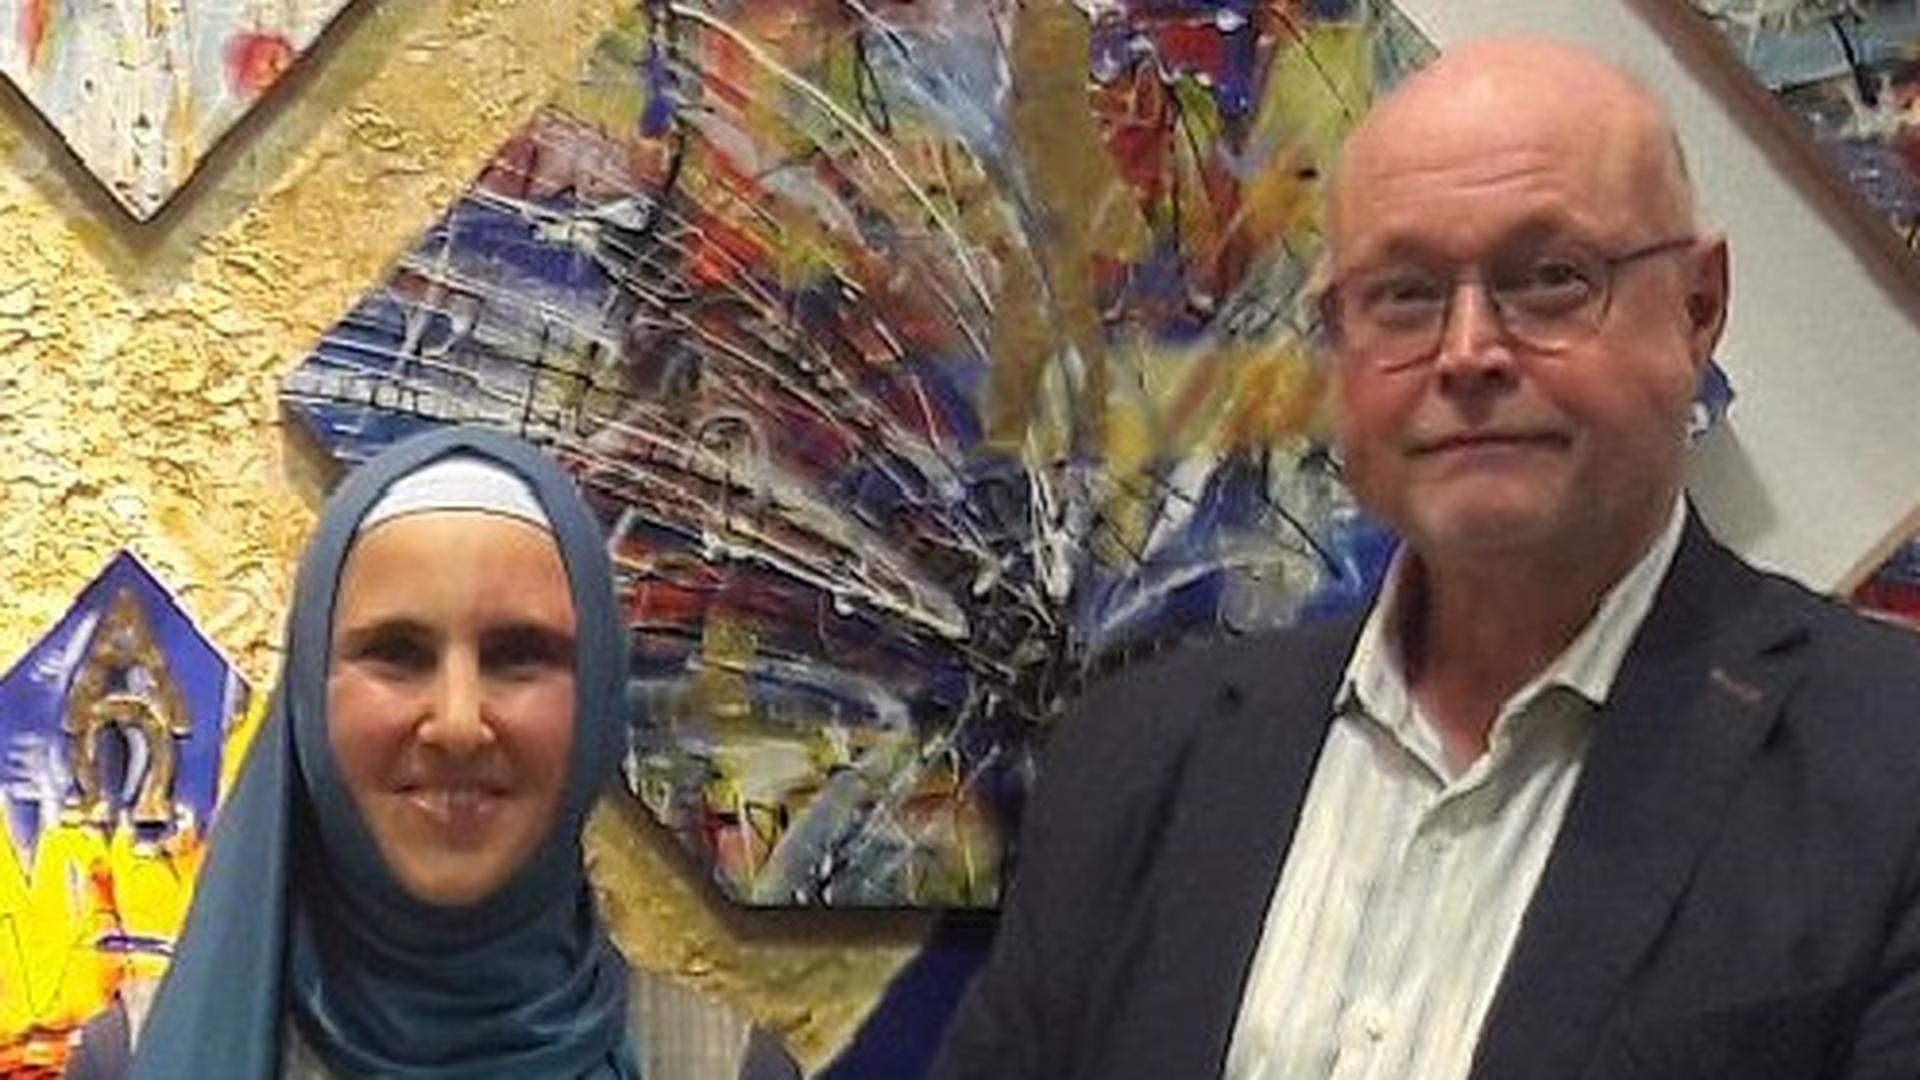 Frau mit Kopftuch und Mann